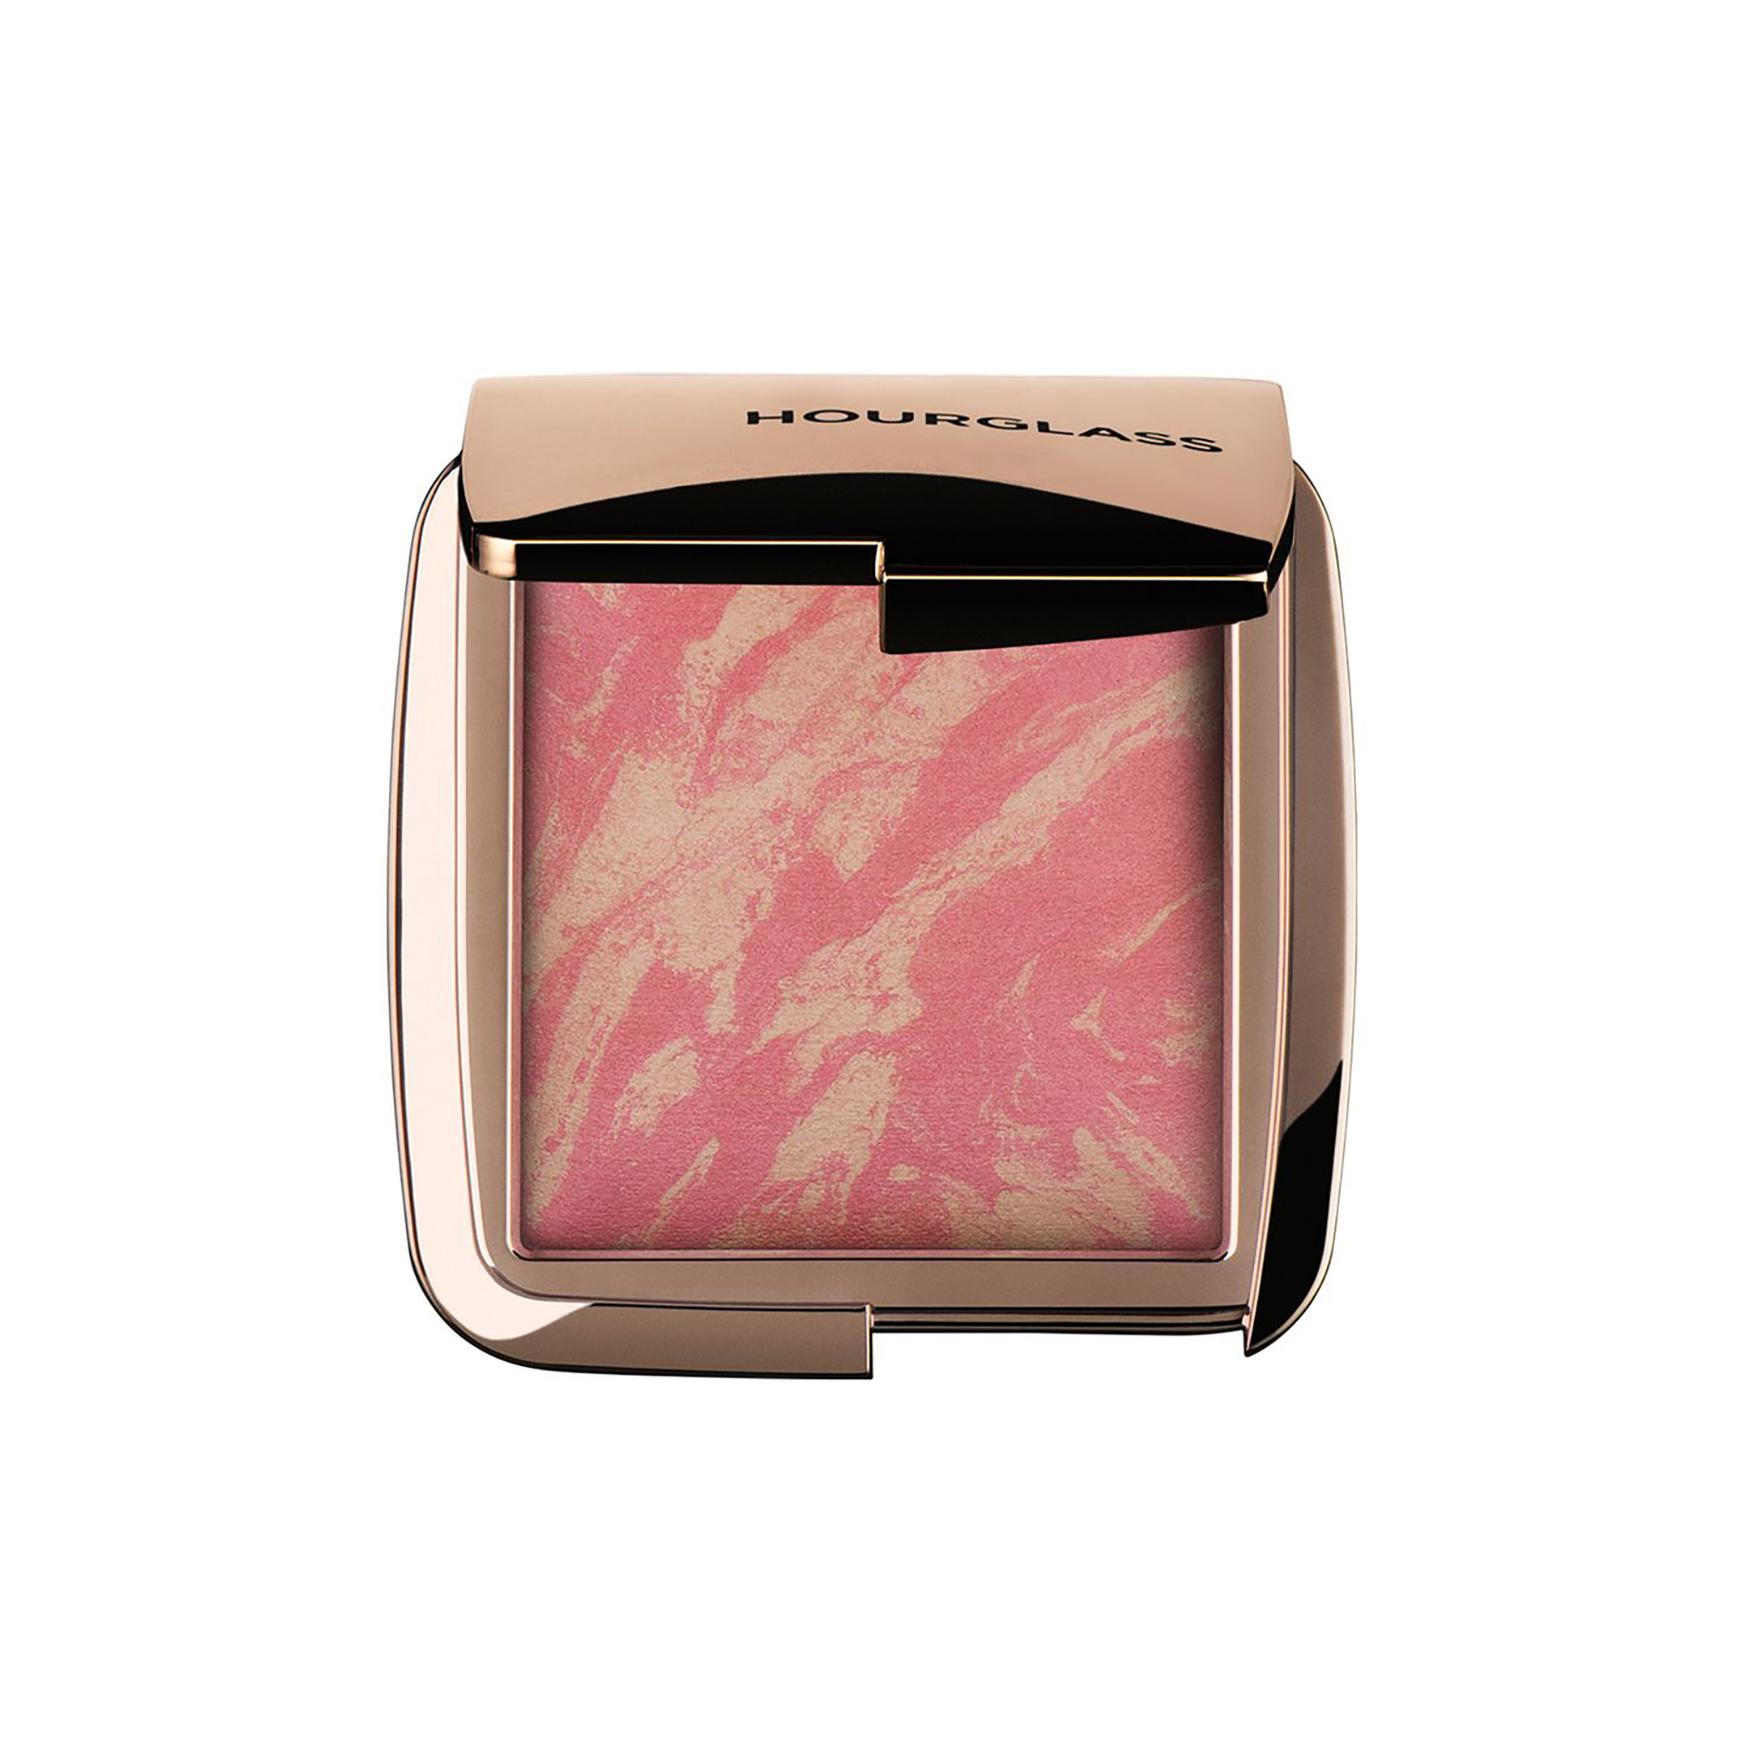 Mini Ambient Lighting Blush, LUMINOUS FLUSH 1.3 G, large